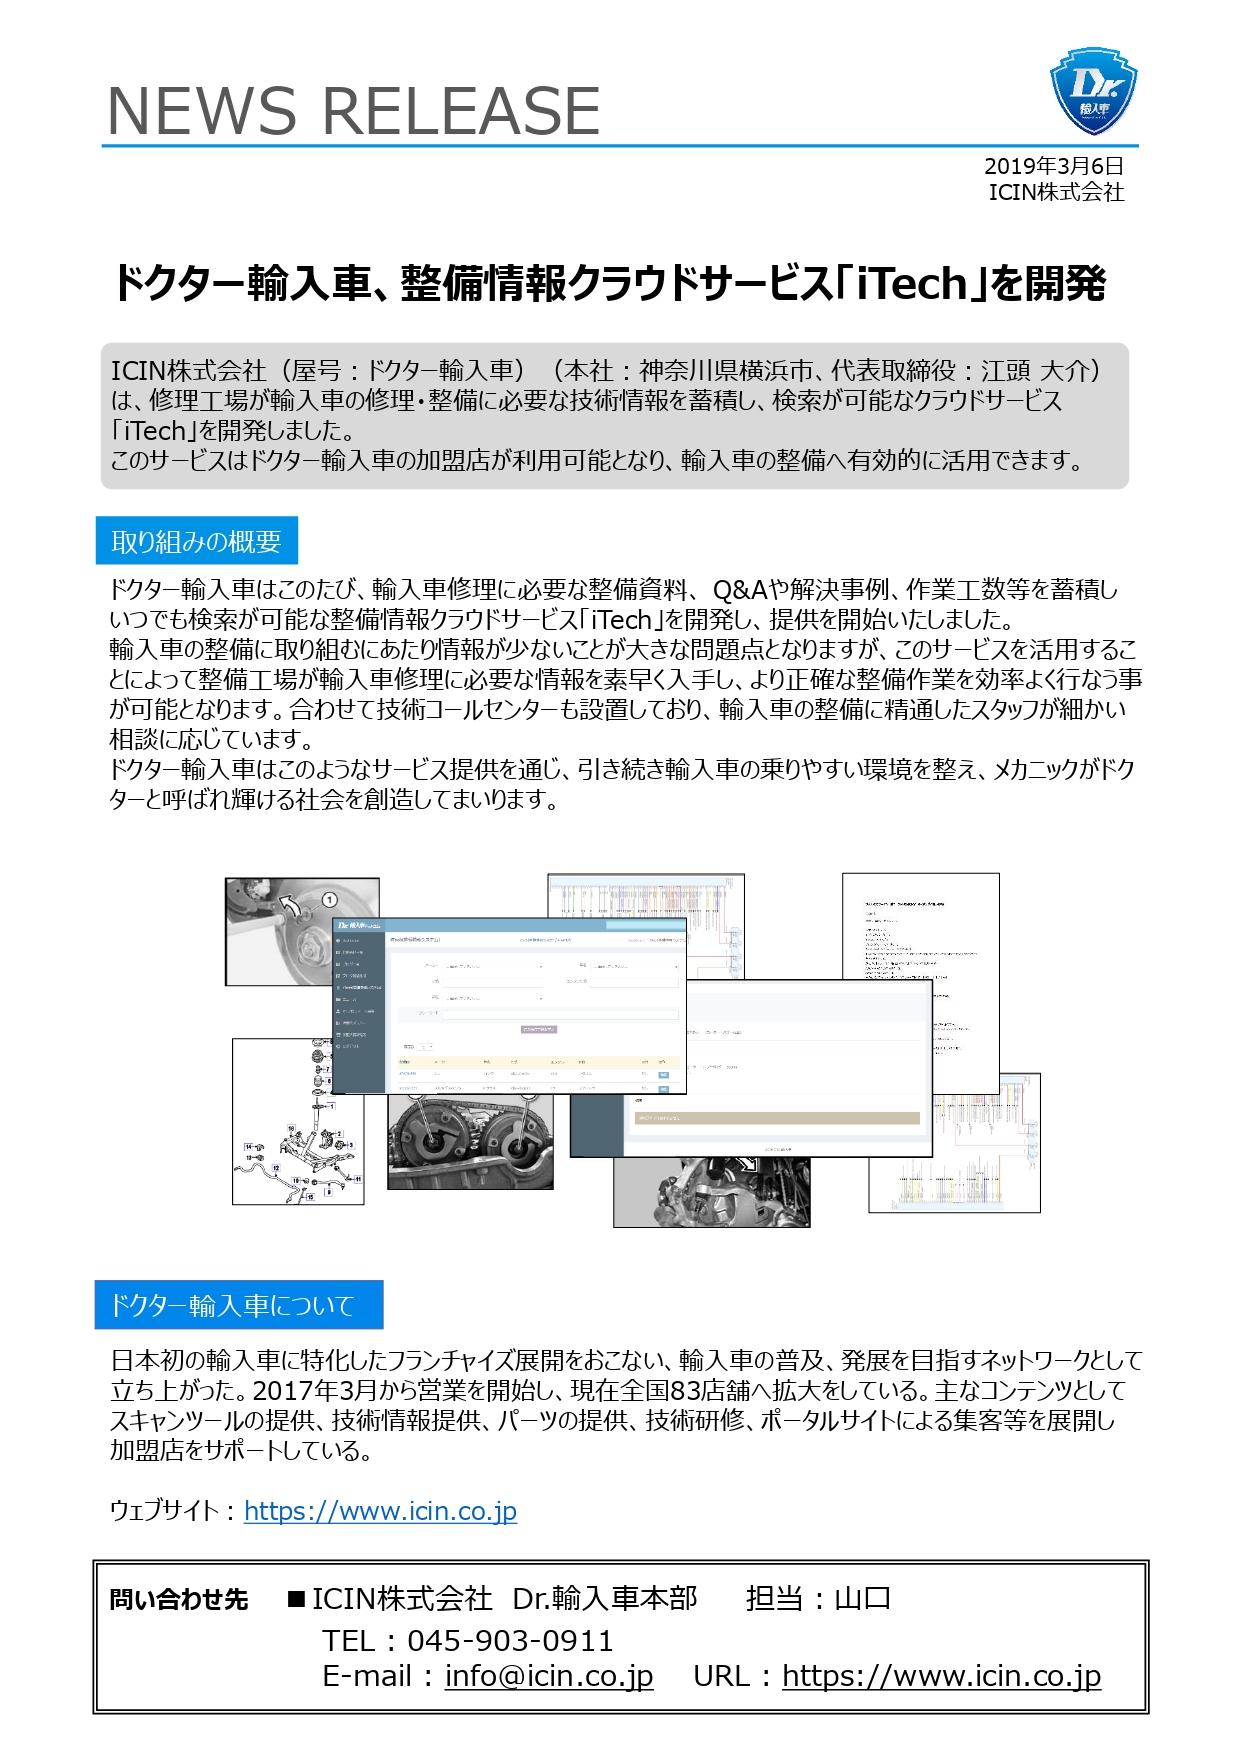 ドクター輸入車、整備情報クラウドサービス「iTech」を開発